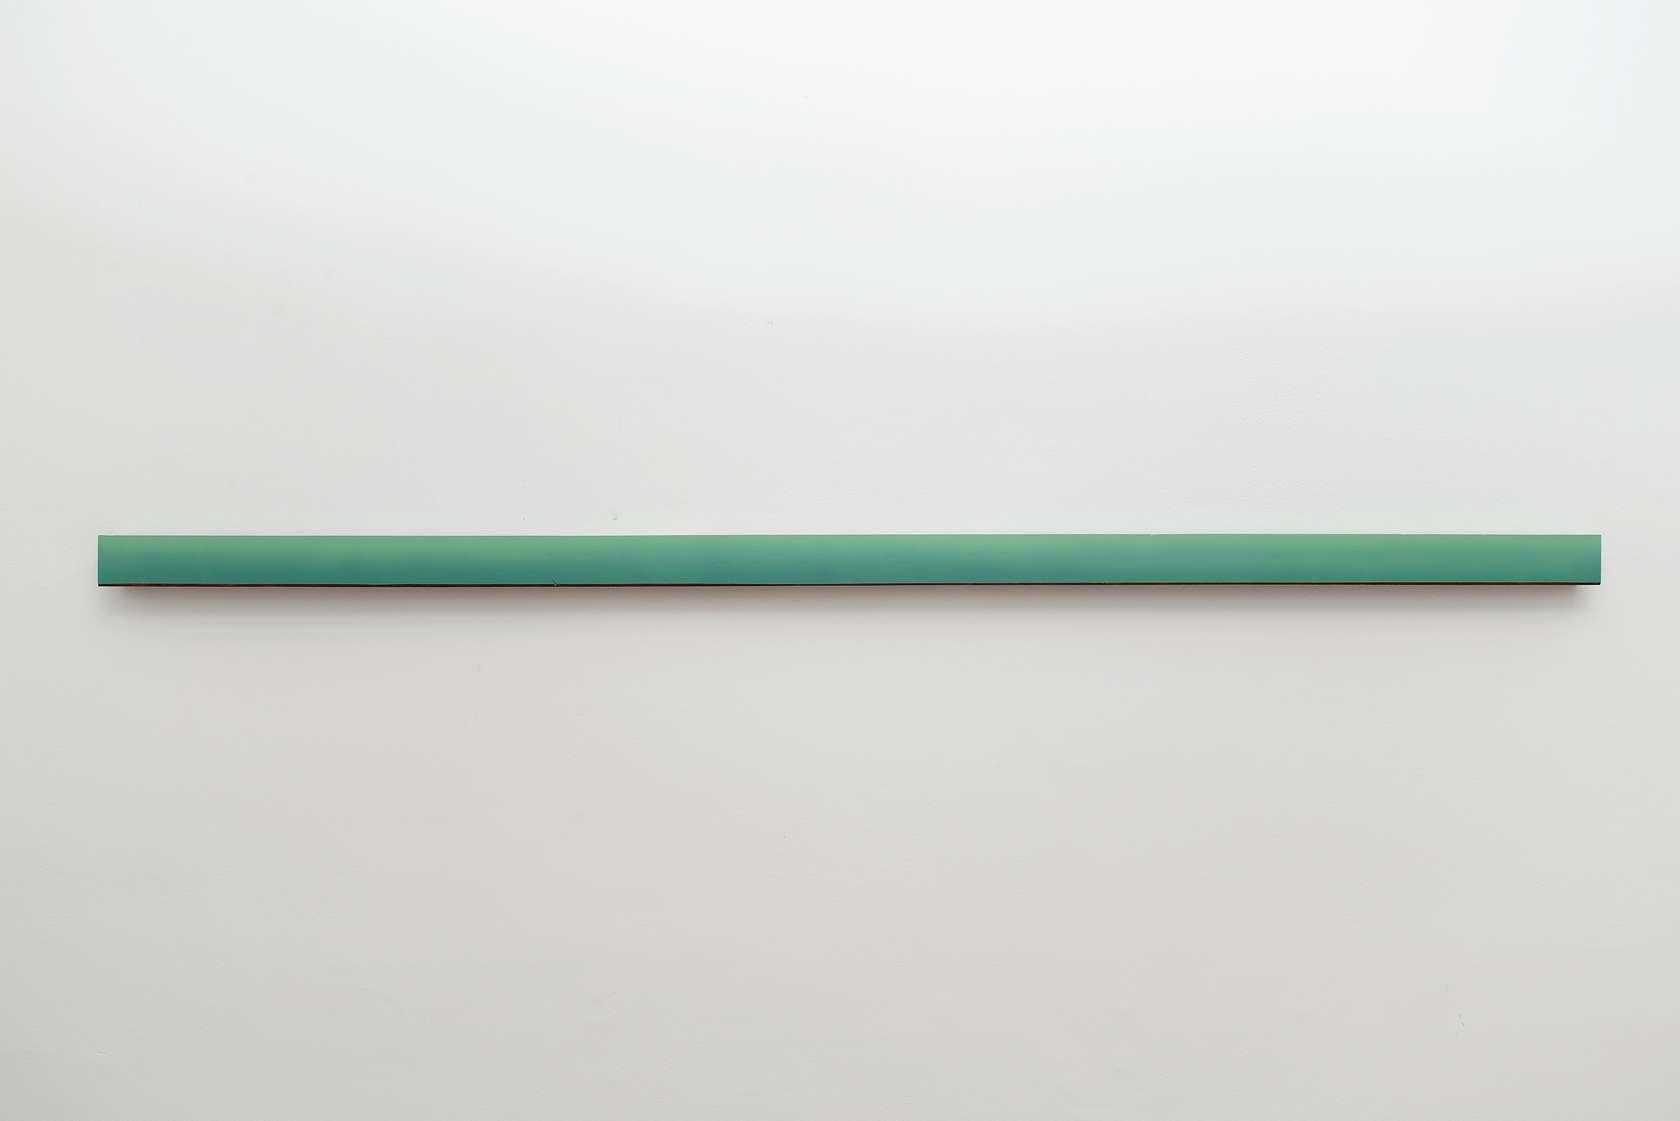 Julien Tiberi, Sans titre, 2014 Acrylique et gravure sur bois 6.5 × 200.5 × 5 cm / 2 1/2 × 78 7/8 × 2  in.